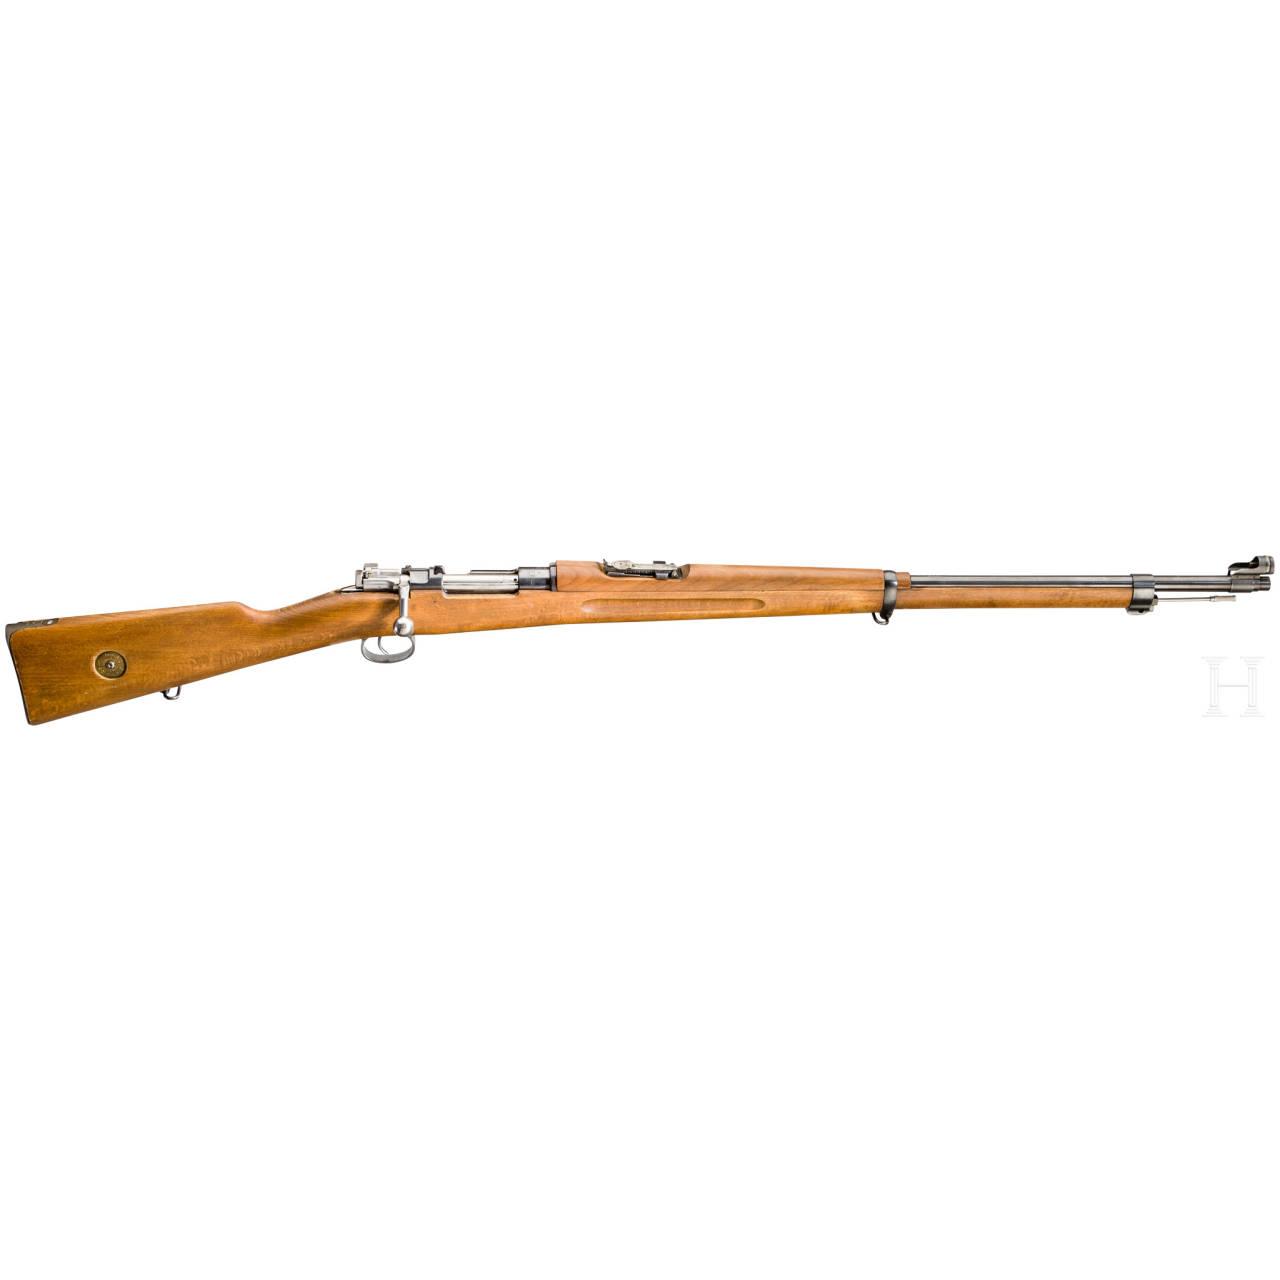 Gewehr M 1986, Carl Gustaf, 1898